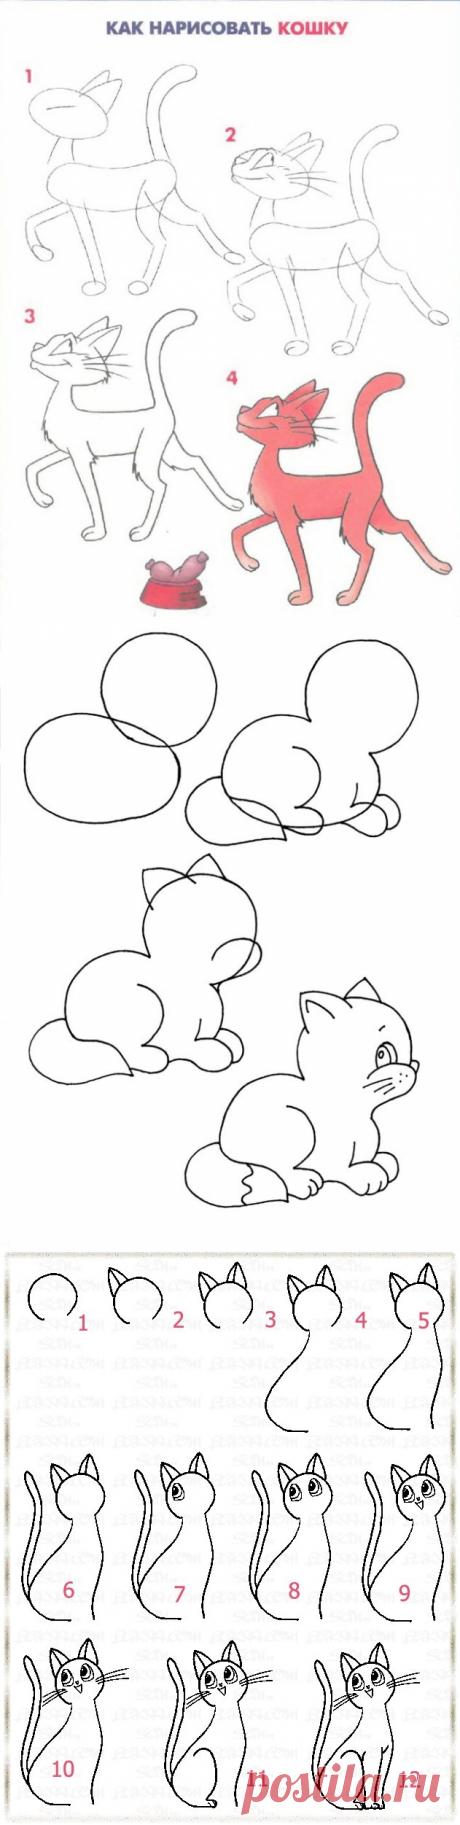 Как нарисовать кошку - Поделки с детьми | Деткиподелки